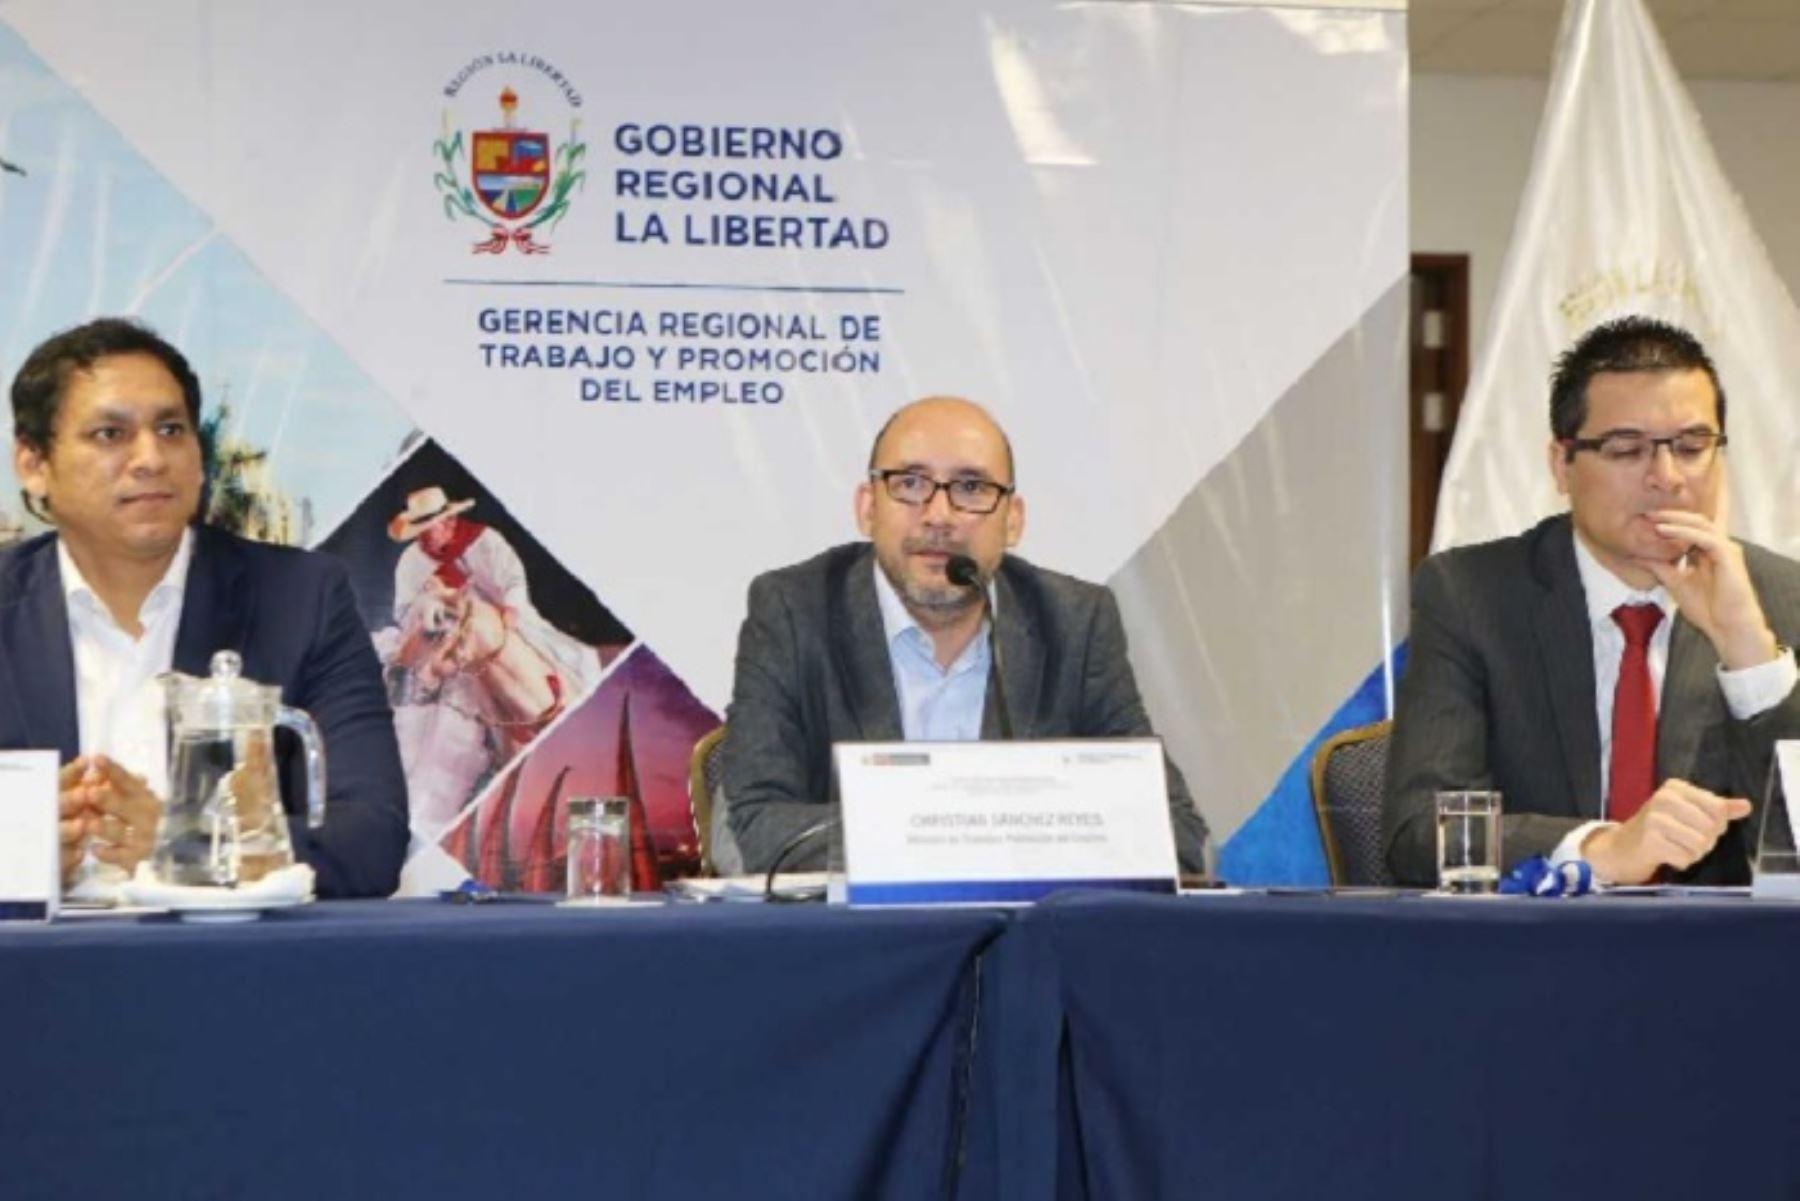 Ministro de Trabajo, Christian Sánchez, inauguró I Encuentro Macrorregional Norte de Directores y Gerentes de Trabajo y Promoción del Empleo, en la ciudad de Trujillo.